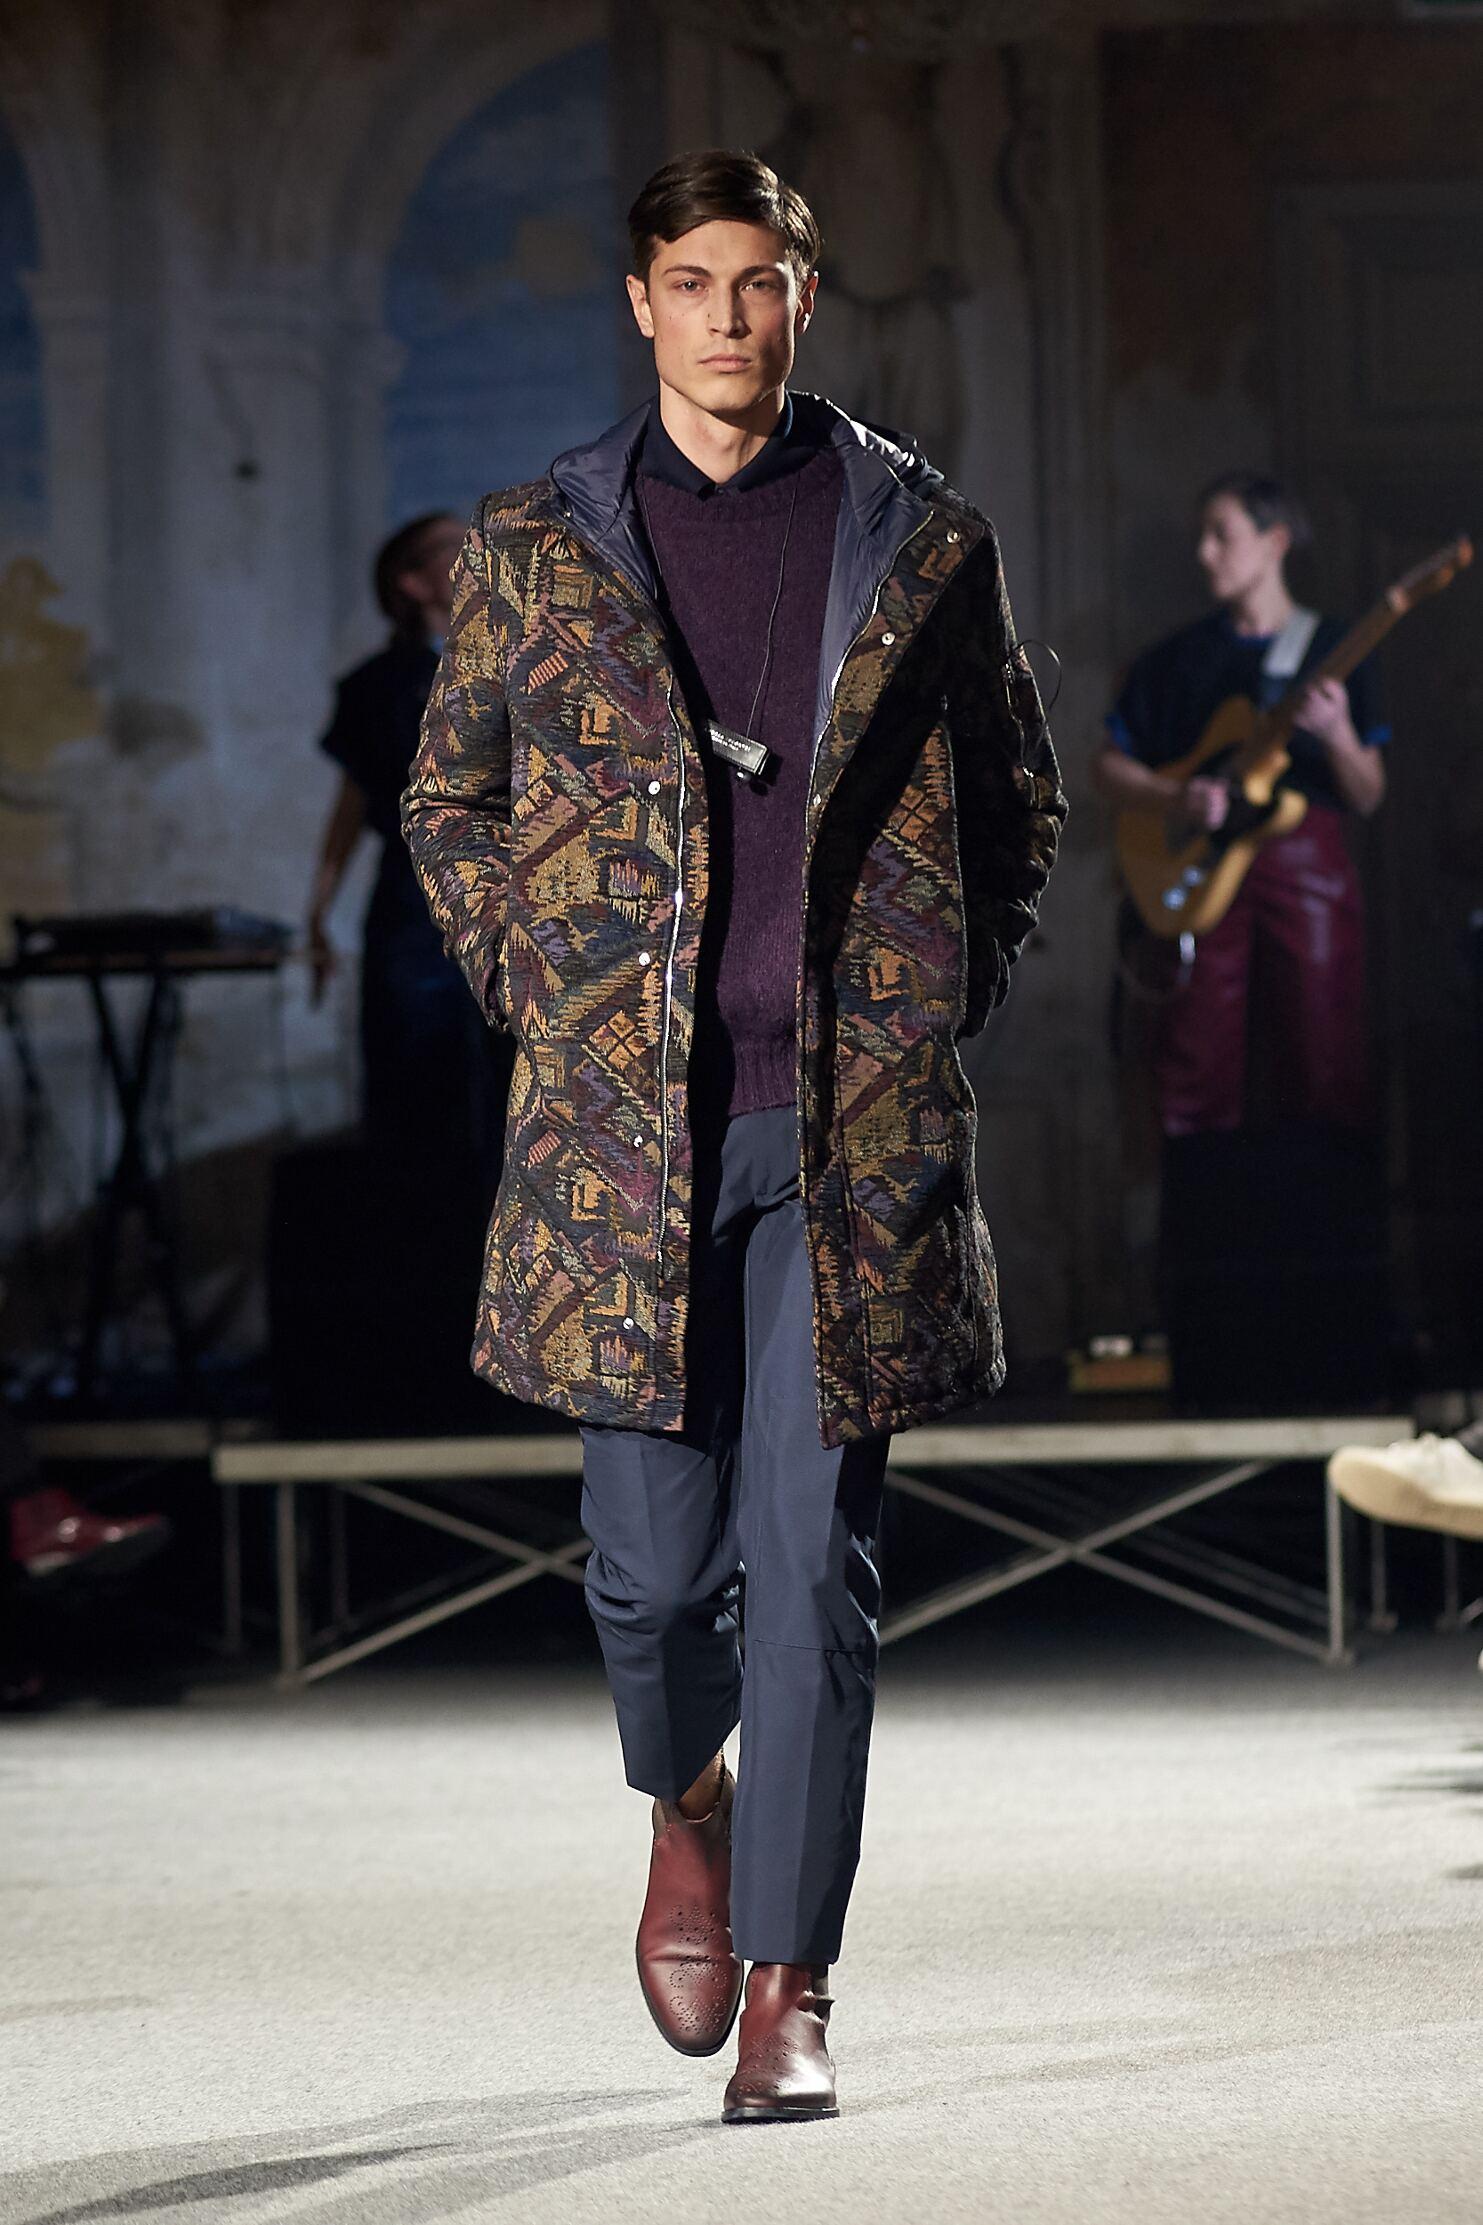 Andrea Incontri Pitti Immagine Uomo Menswear